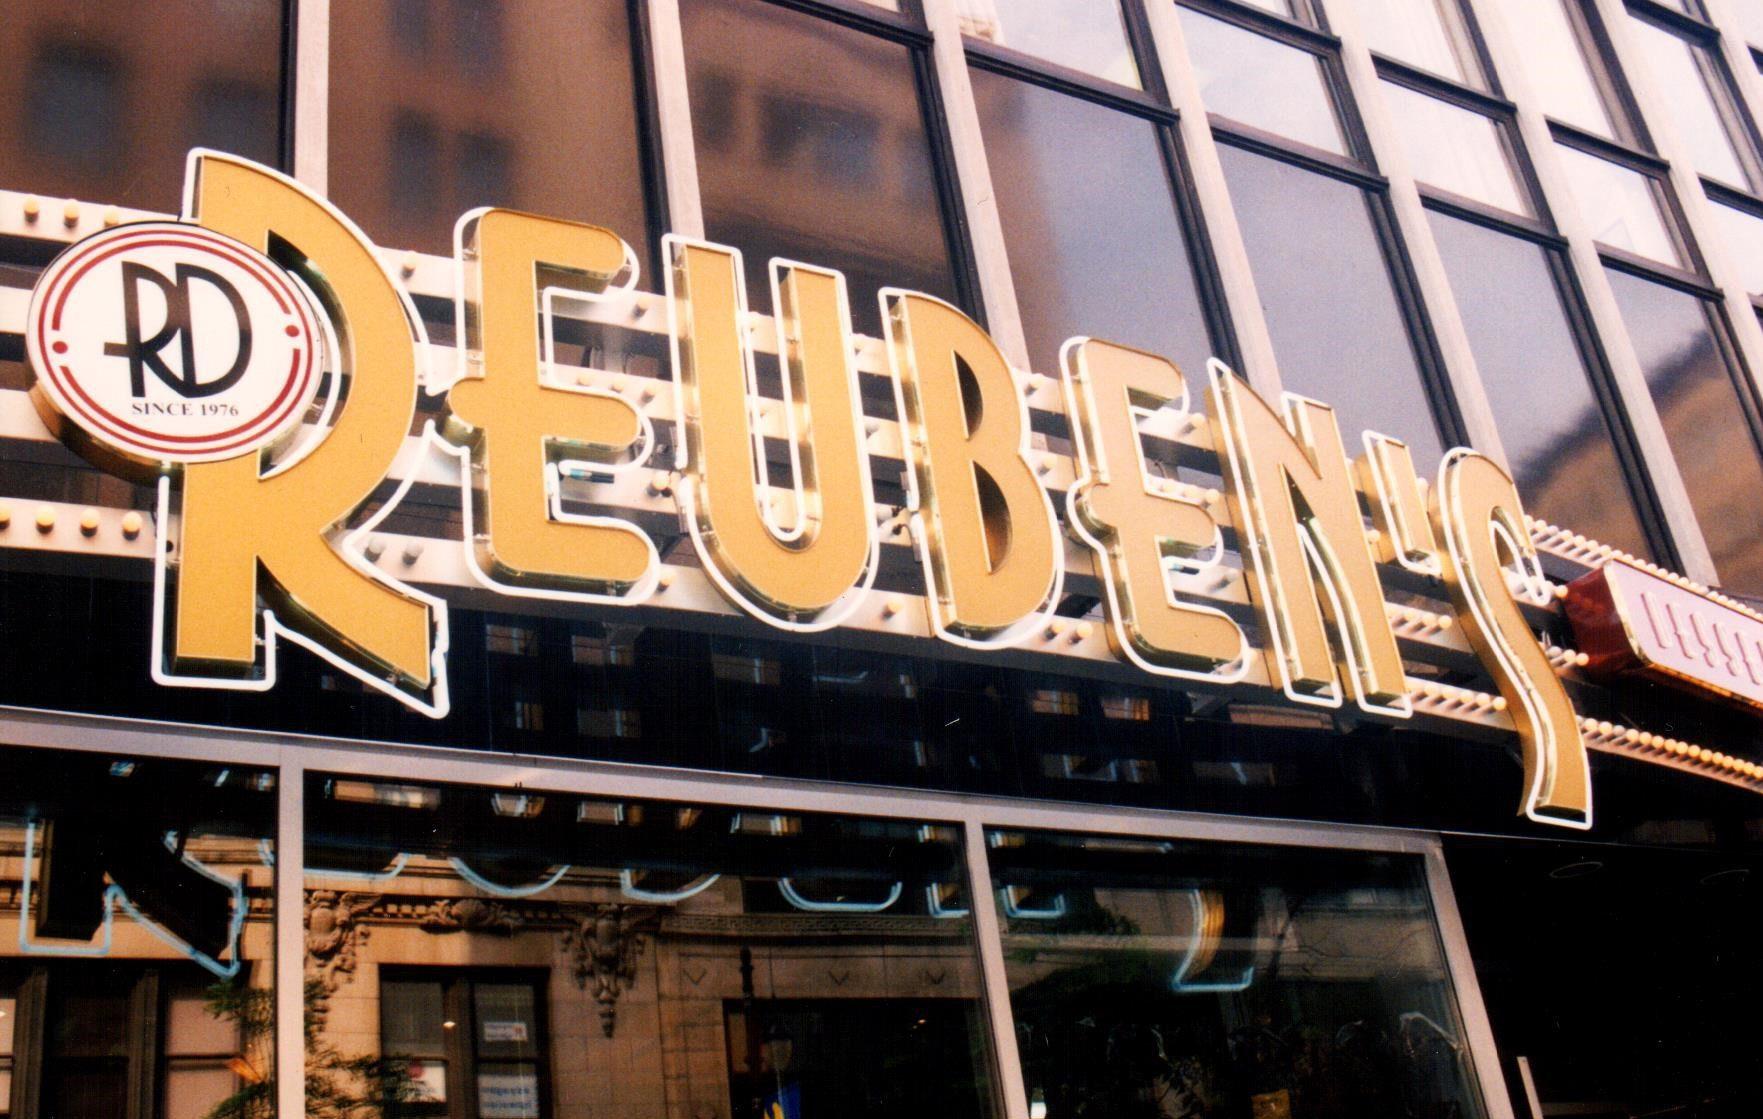 Reuben's Deli & Steakhouse Montréal